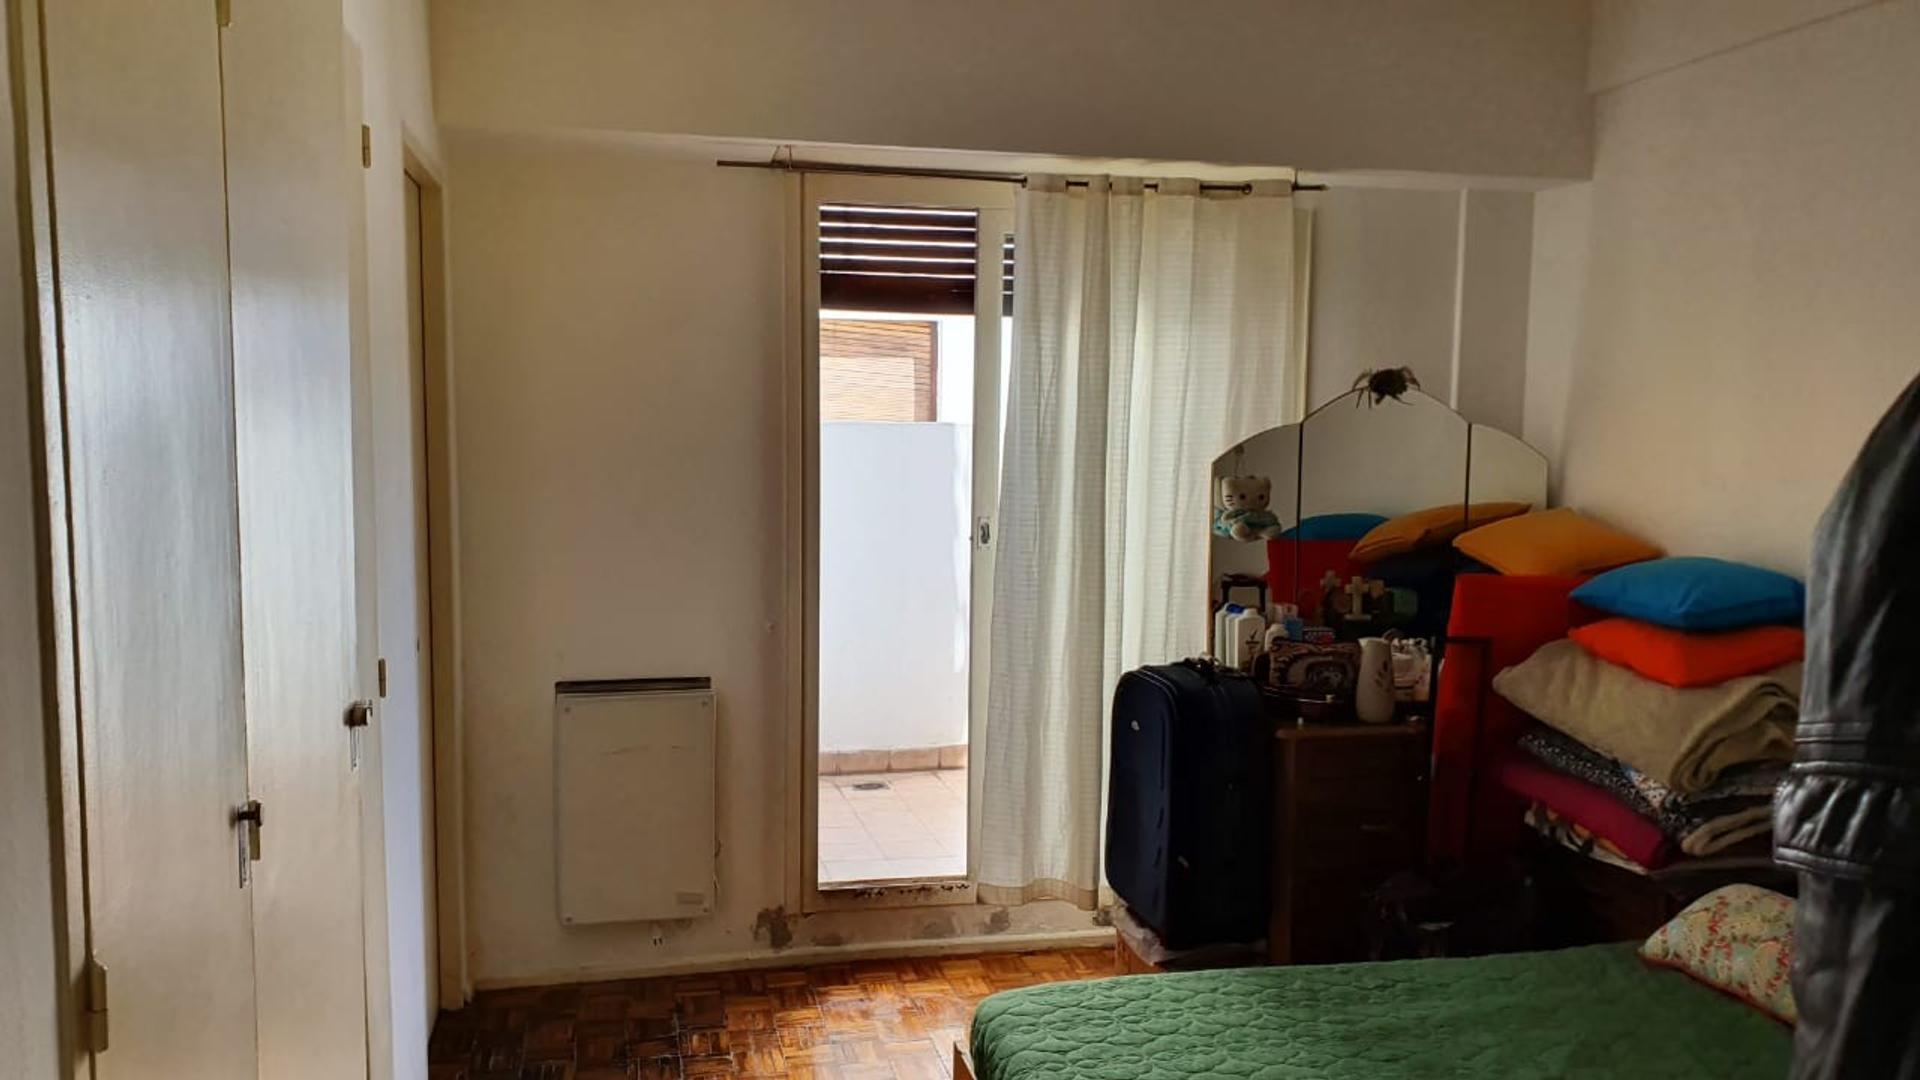 Departamento - 45 m²   1 dormitorio   28 años